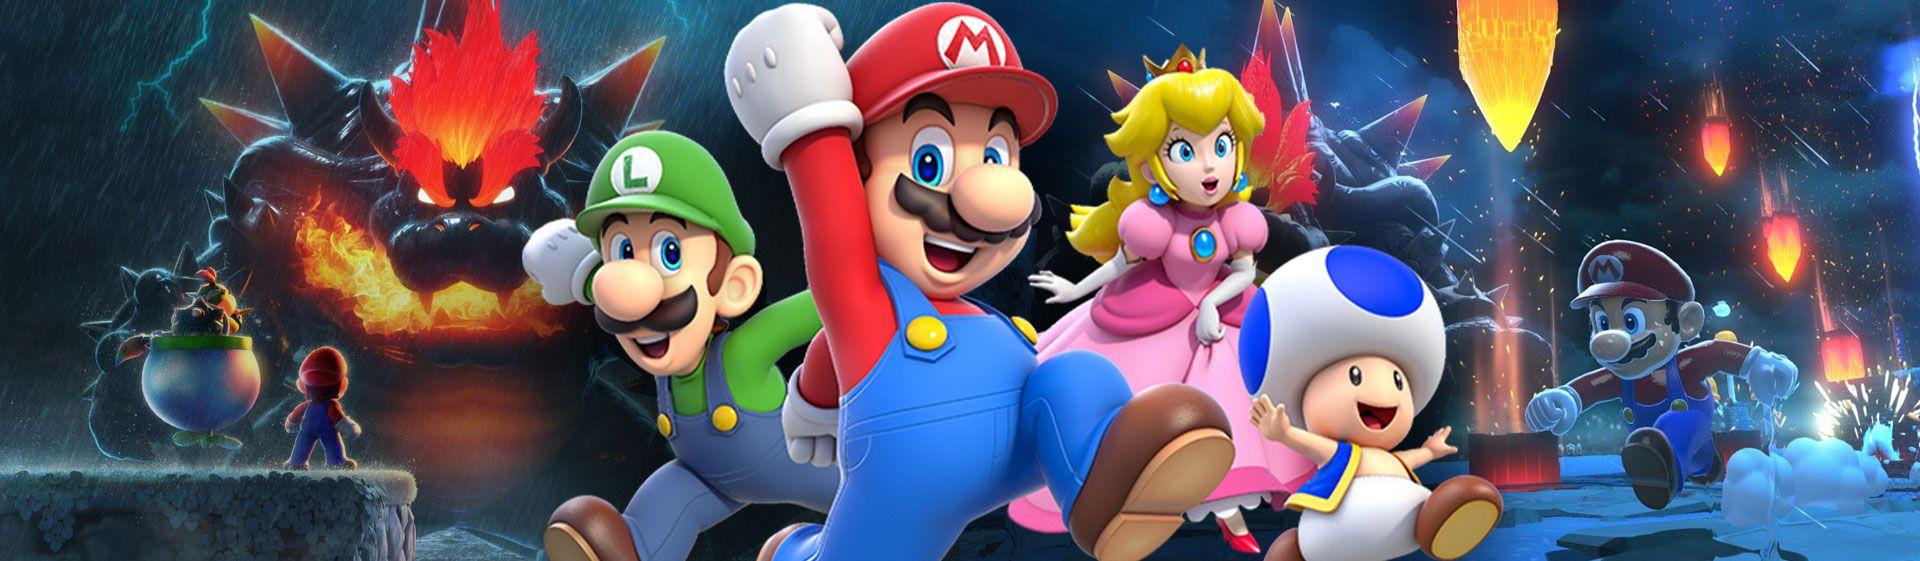 Lançamento de jogos em fevereiro de 2021: Super Mario, Persona e mais